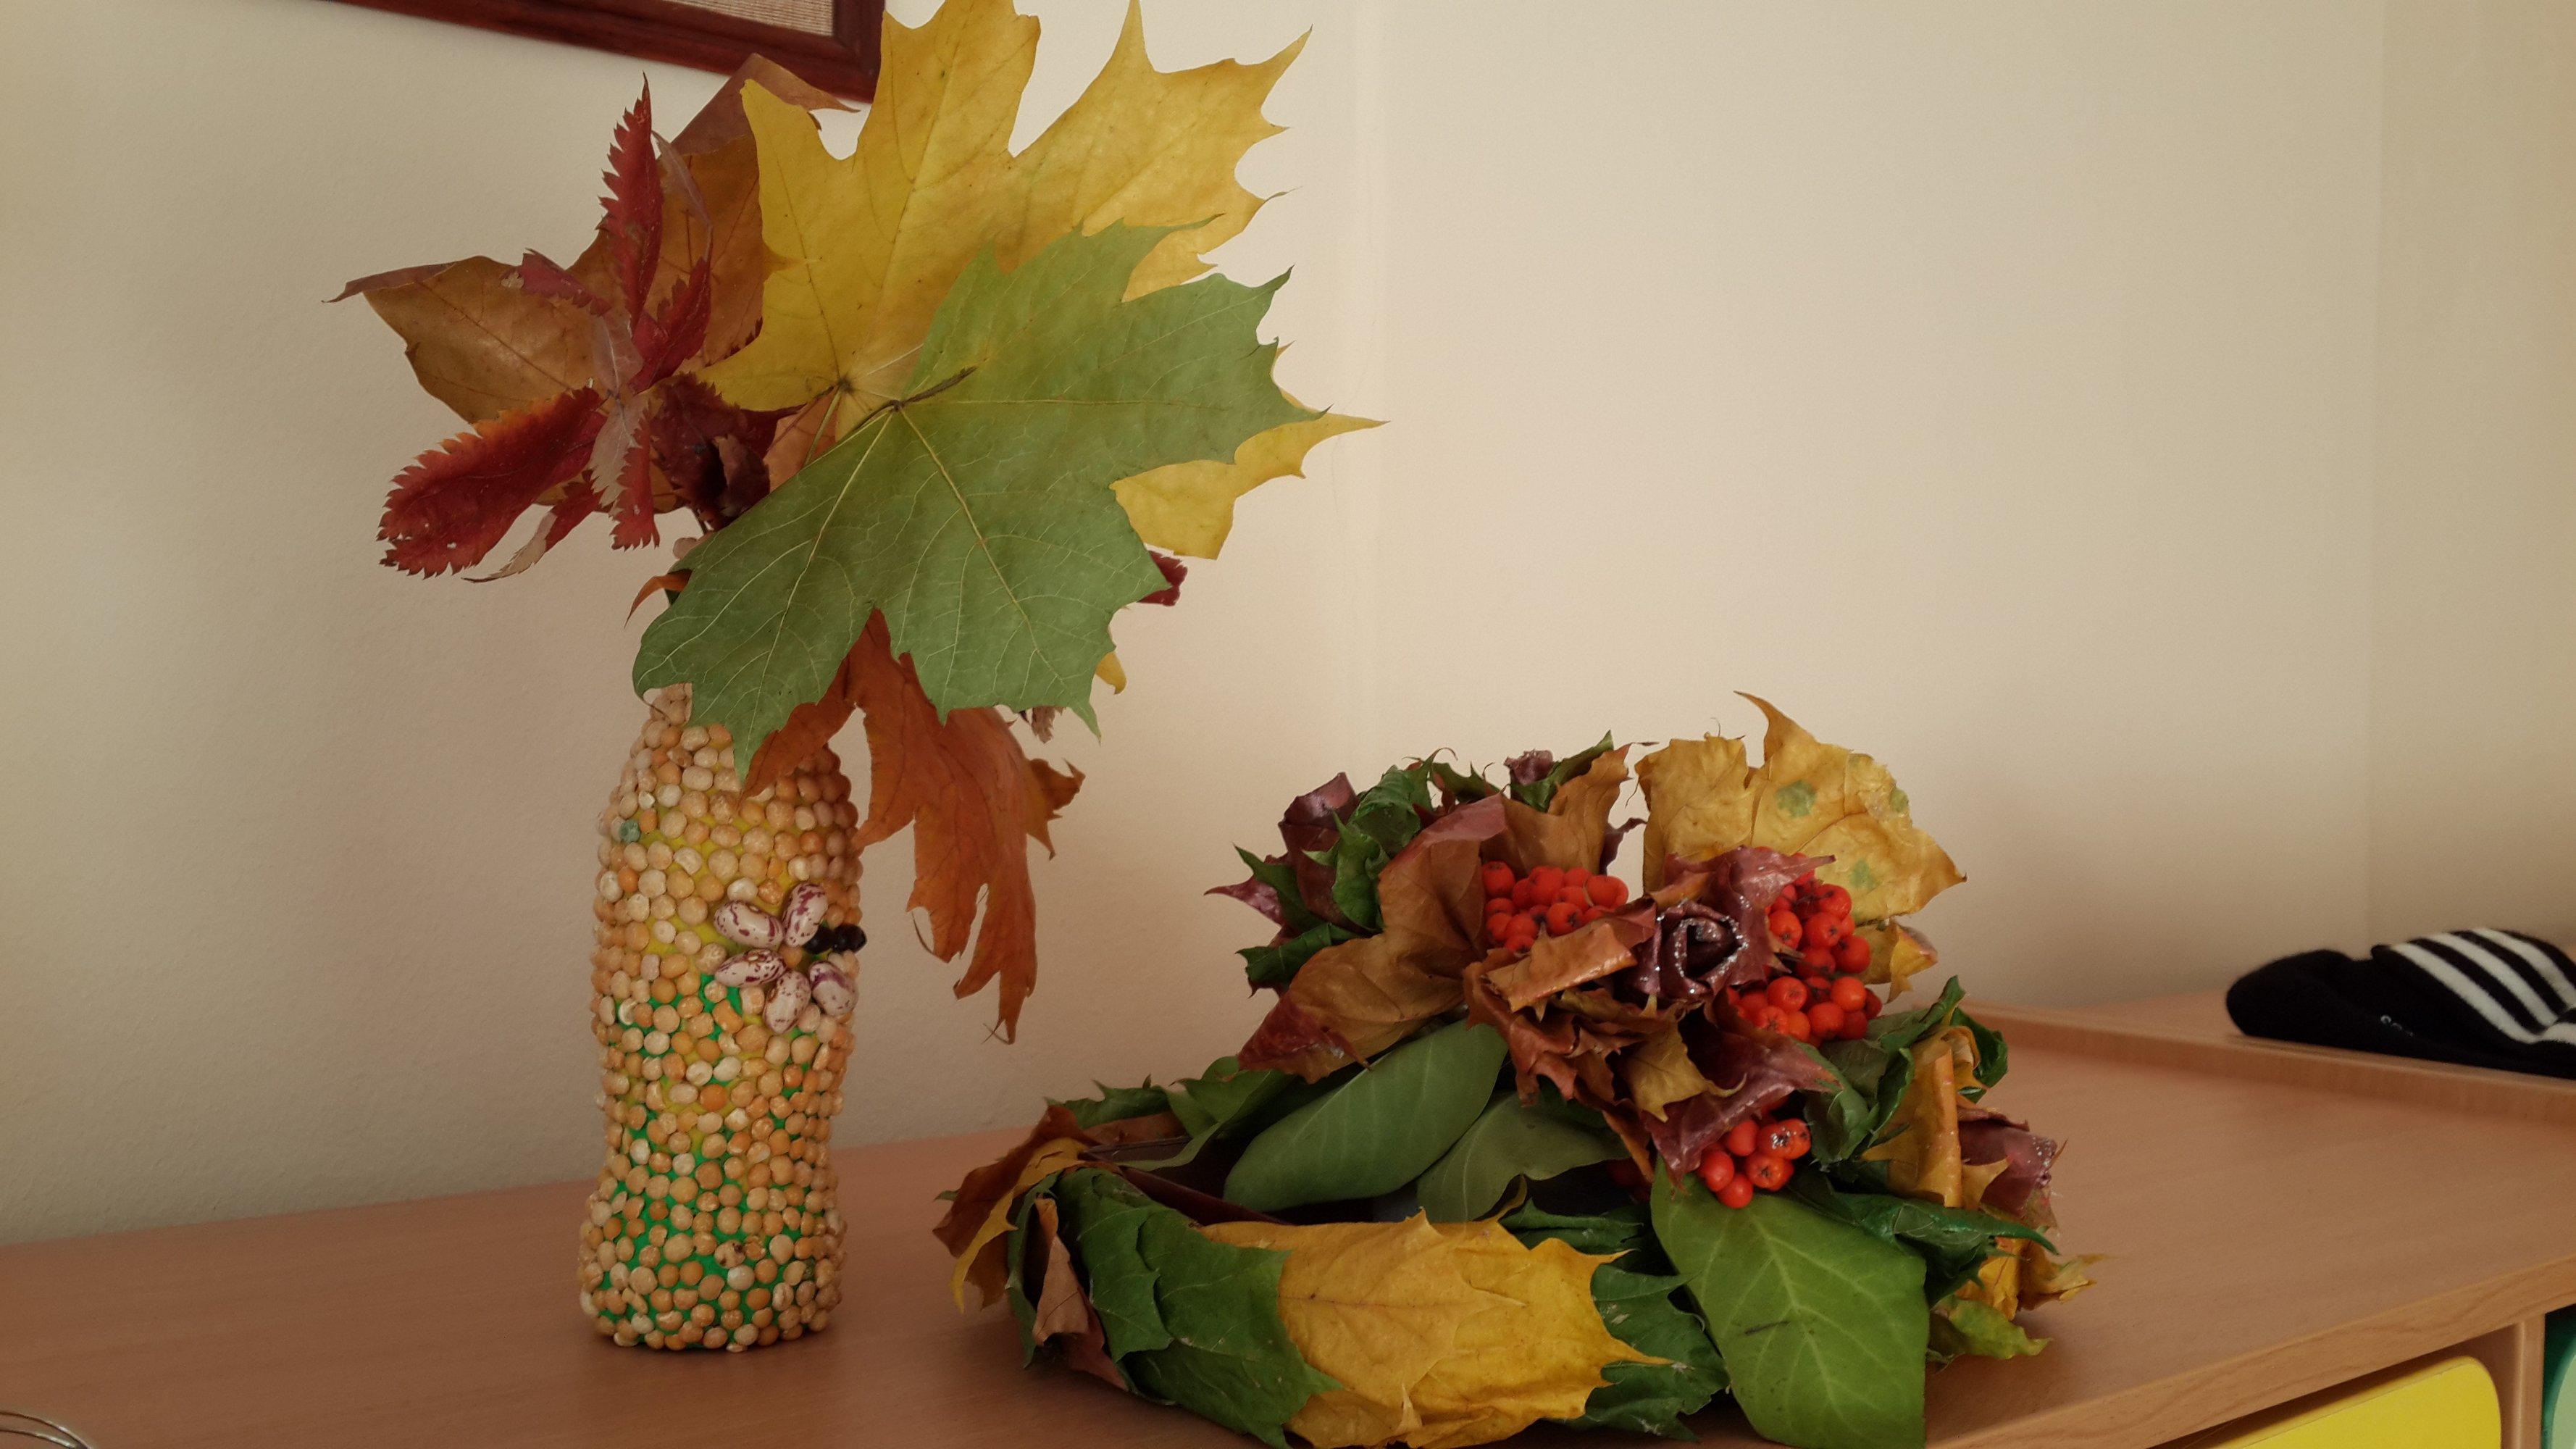 Осенние поделки своими руками для школы из. - Pinterest 61